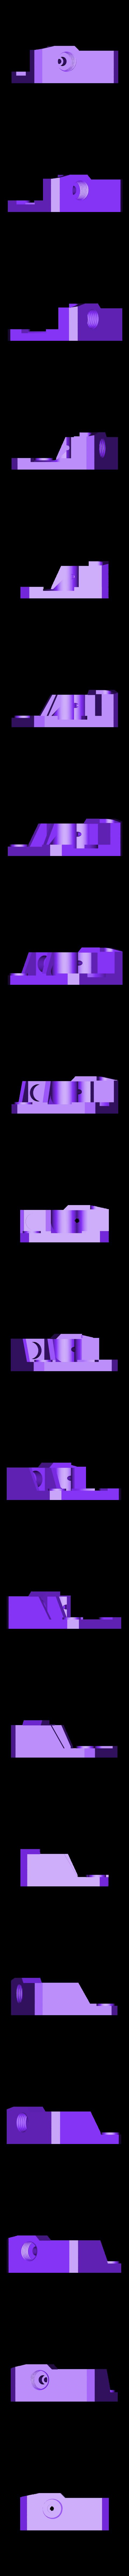 M10ptfe.stl Télécharger fichier STL gratuit Extrudeuse Ultimate creality cr10 (happy edition) (filaments flexibles) • Design à imprimer en 3D, raffosan